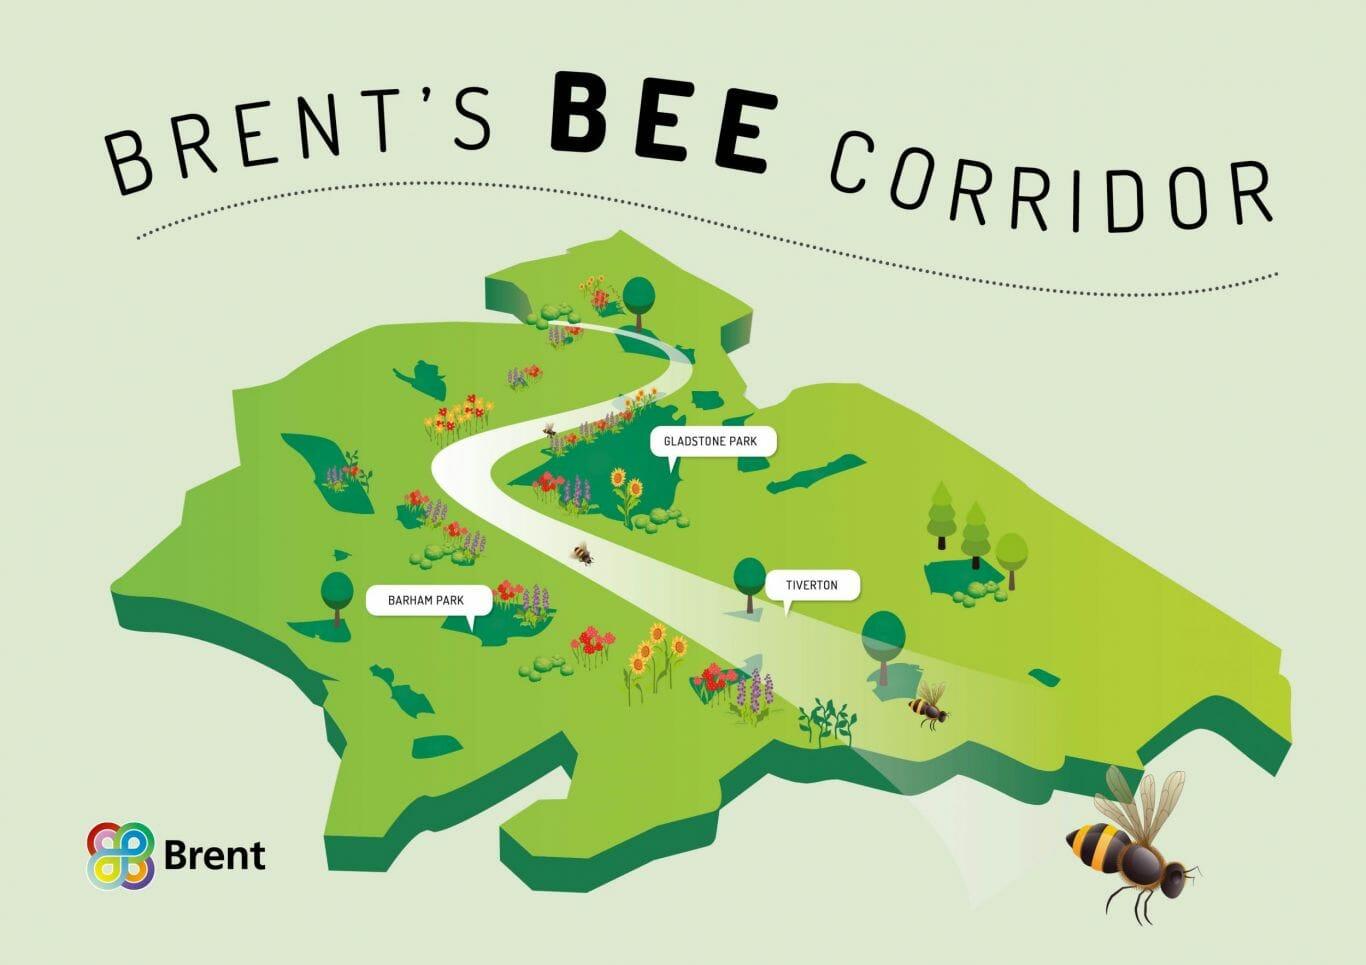 Londres vai criar 11 km de corredor de flores para abelhas